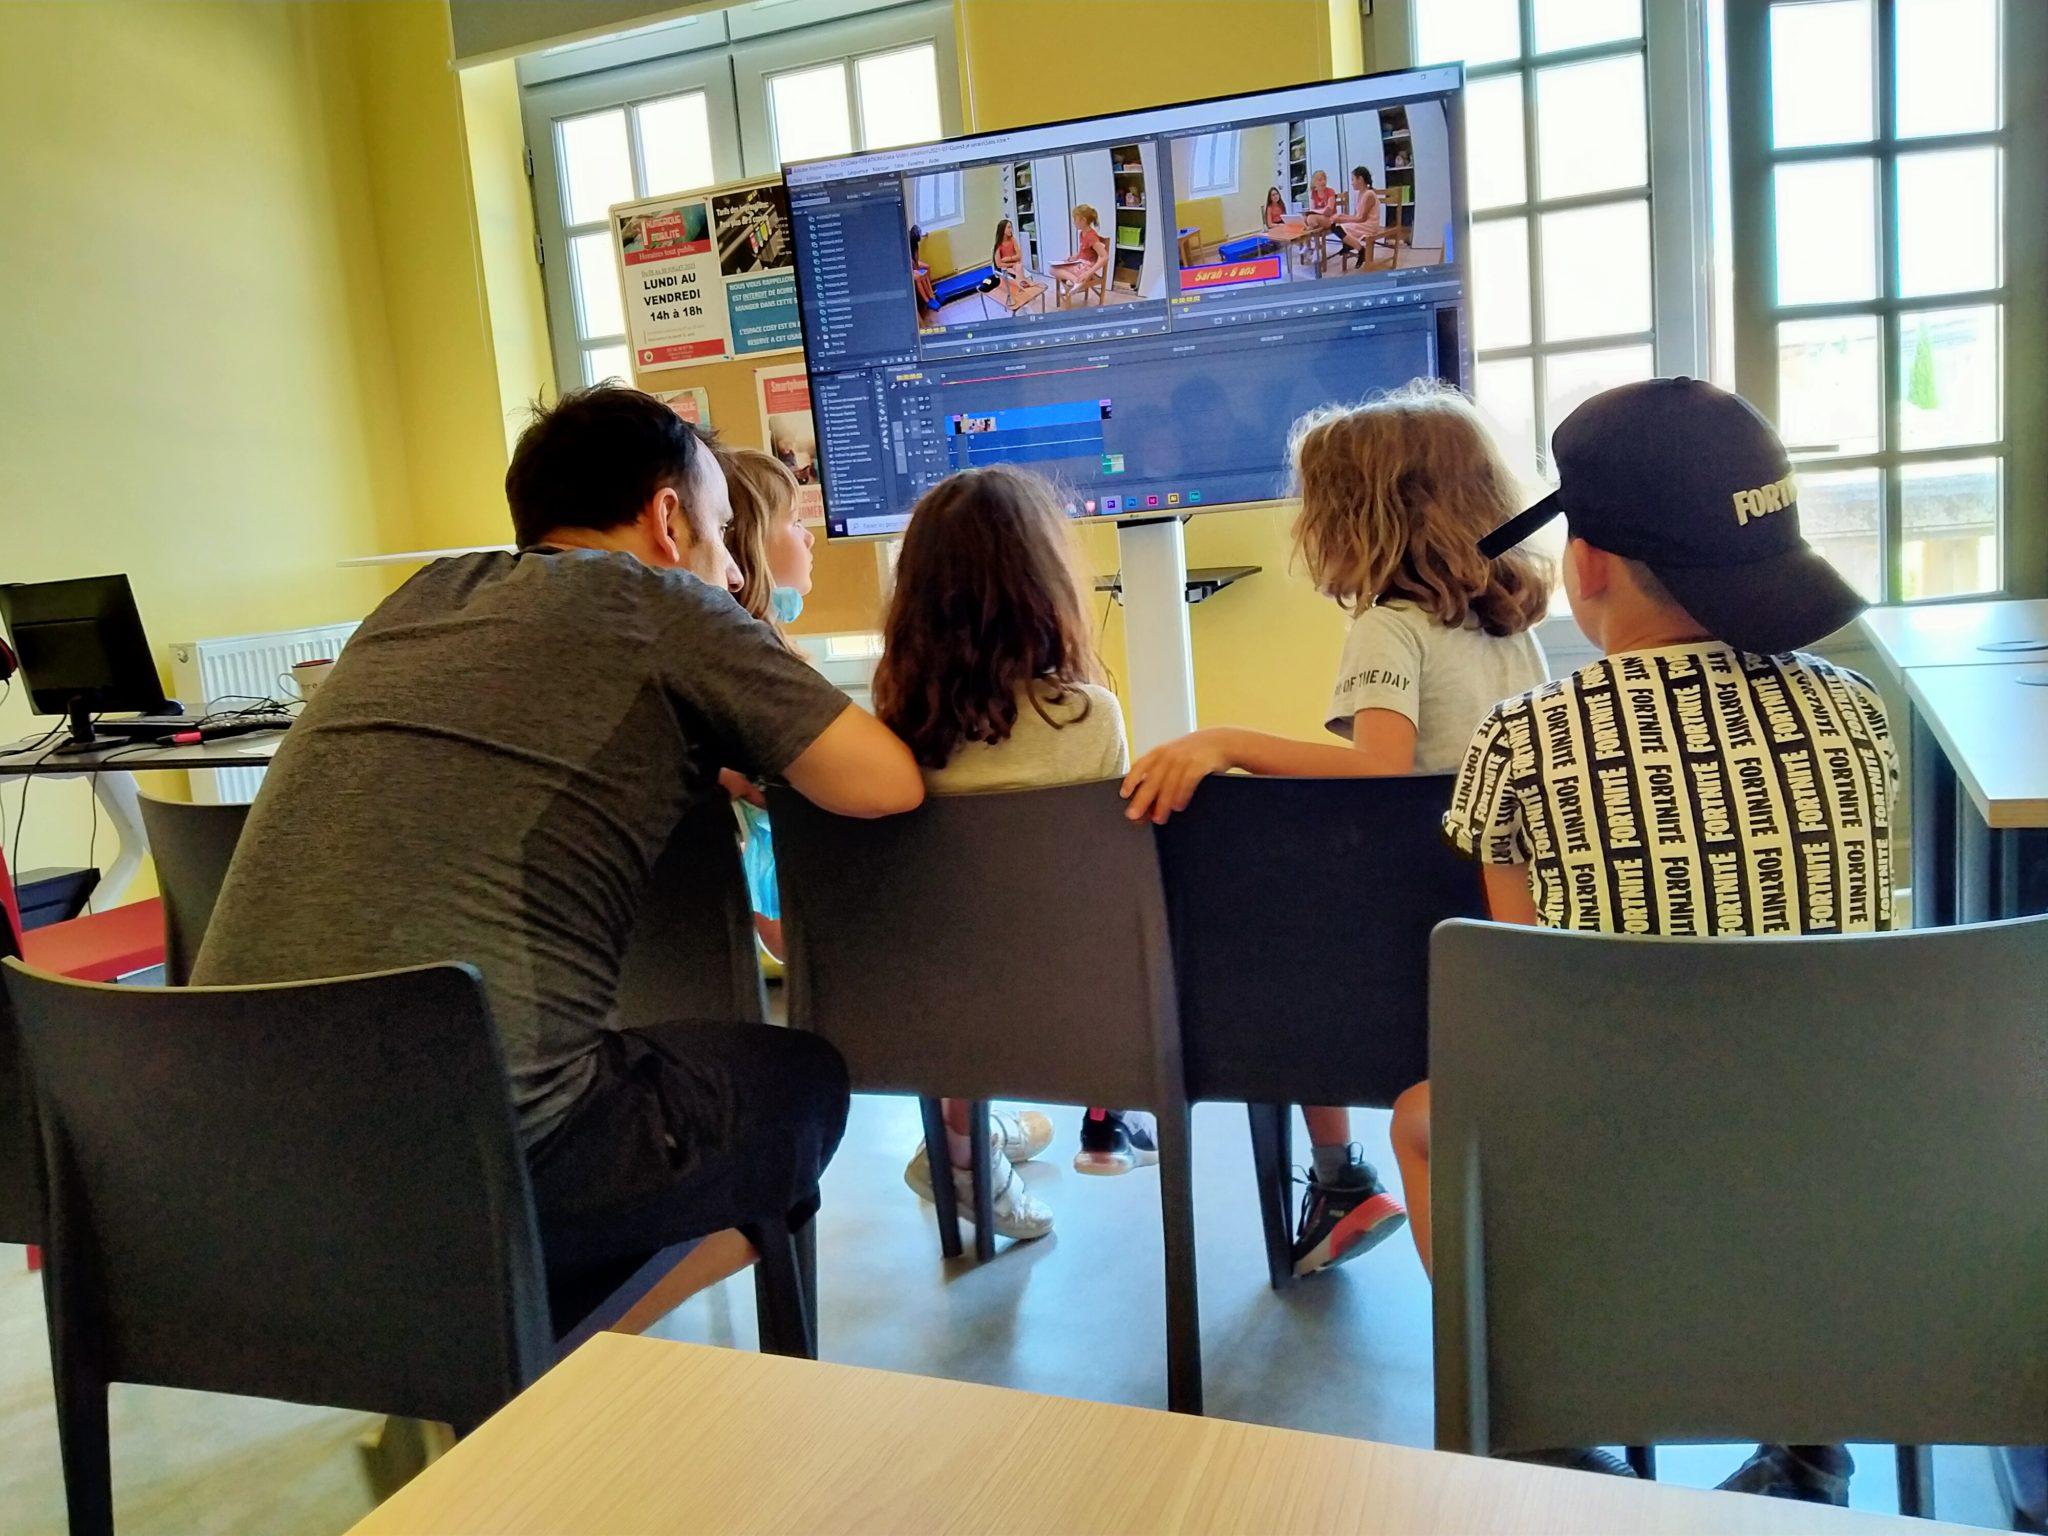 image d'illustration de l'article Créations vidéo : découverte pour les enfants au PNM